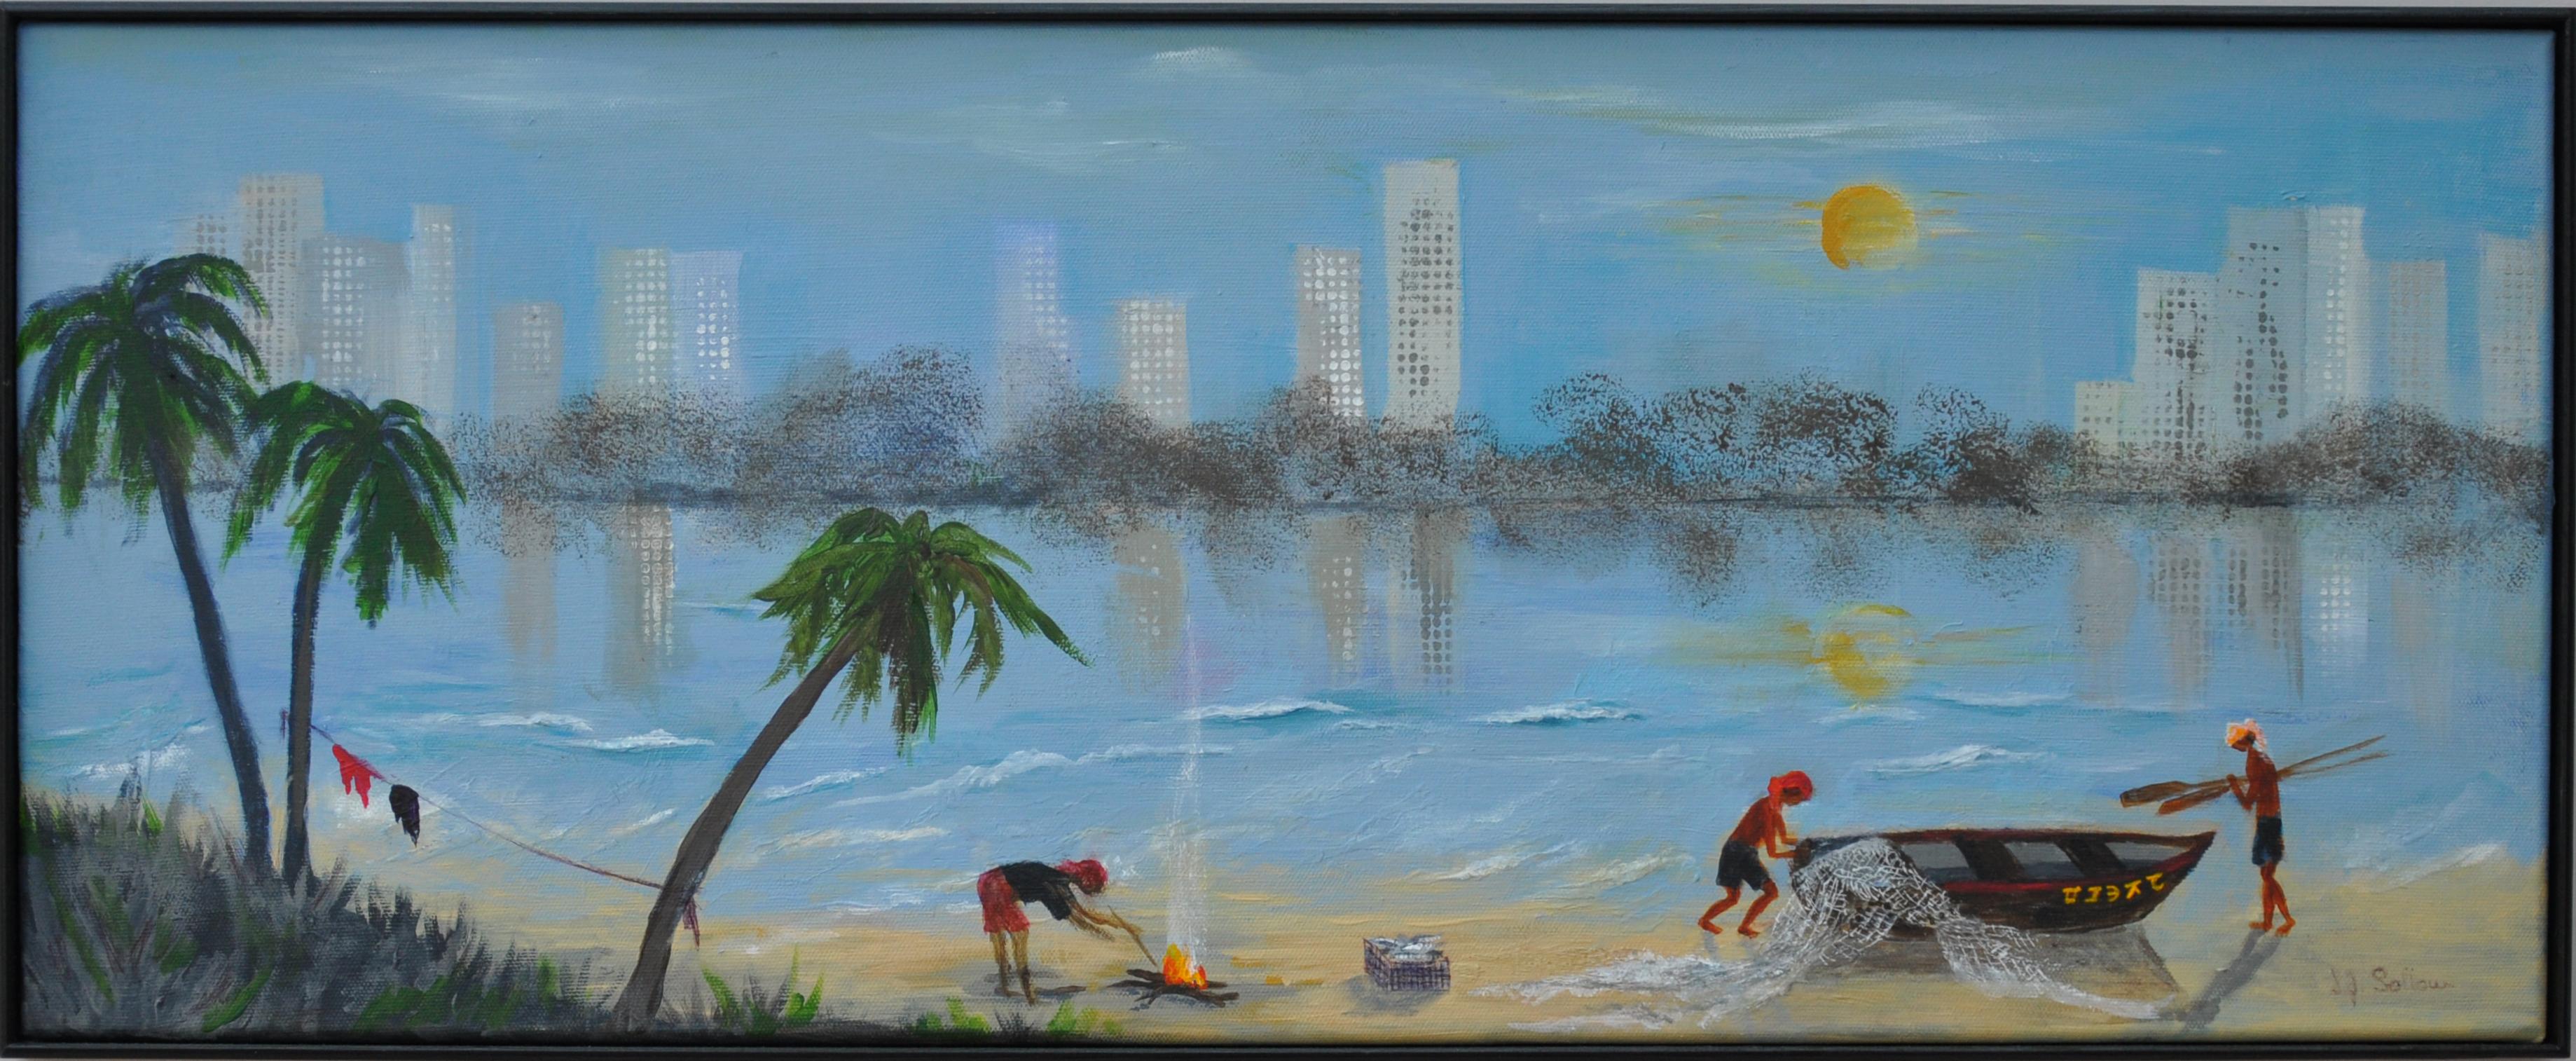 Chennai Fishermen, Sarah Sollom